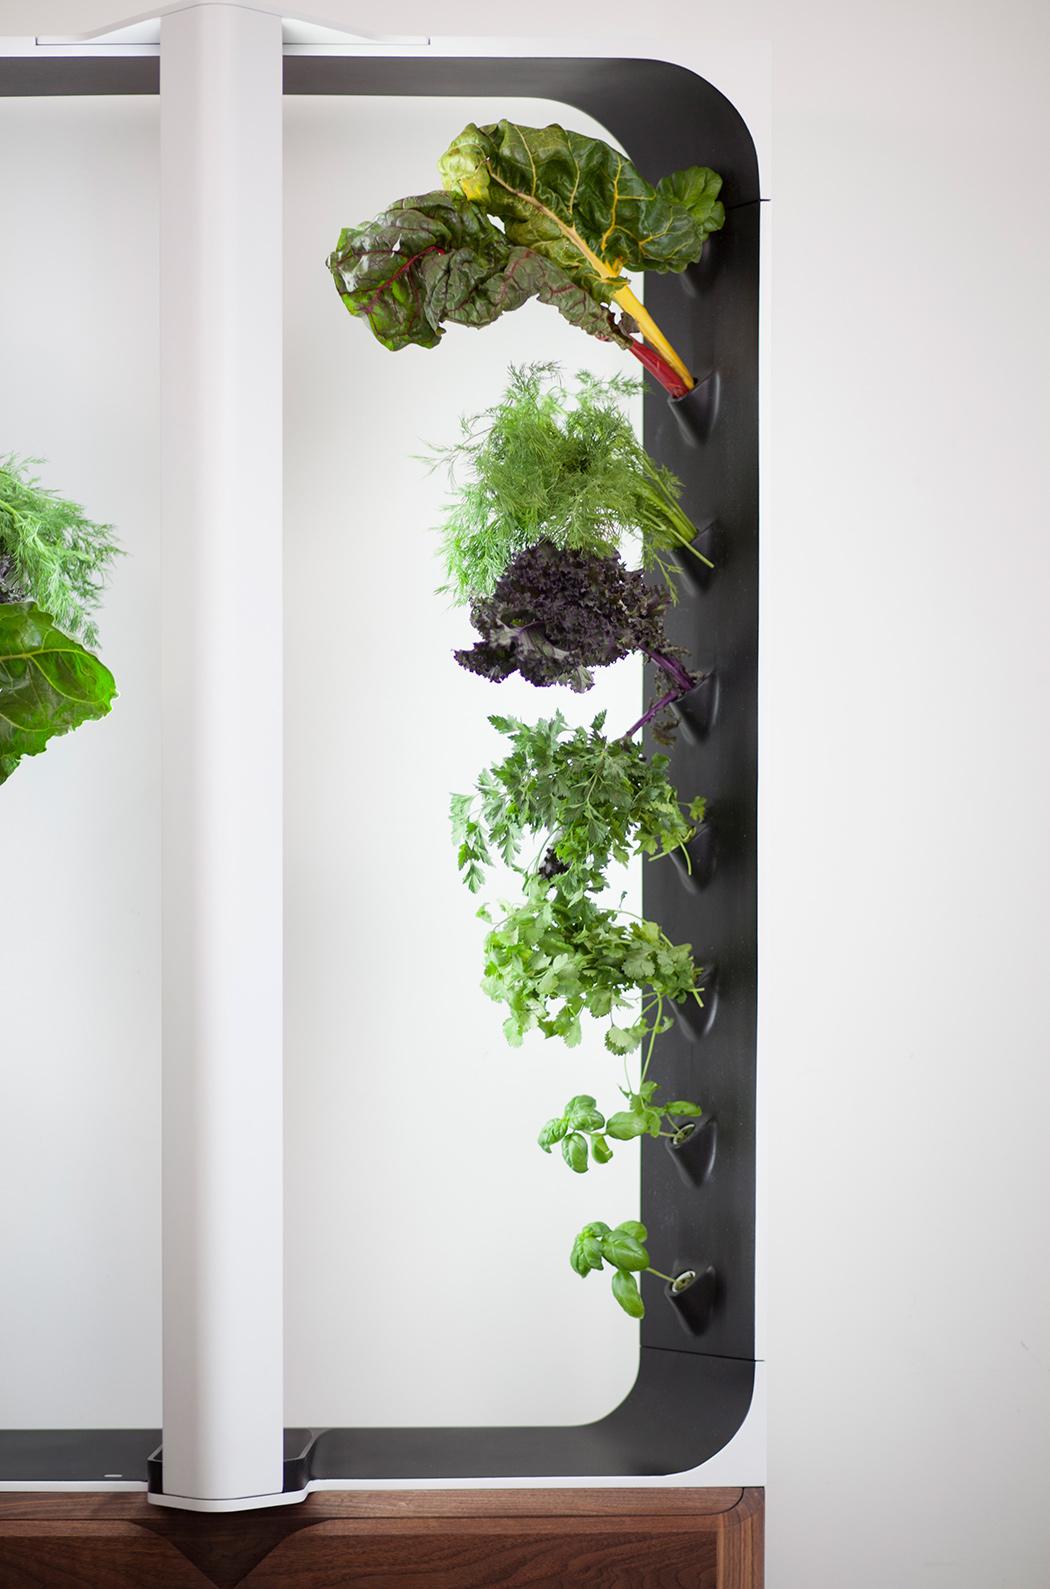 hidroponikus-mini-farm-a-nappaliban-noko-09.jpg